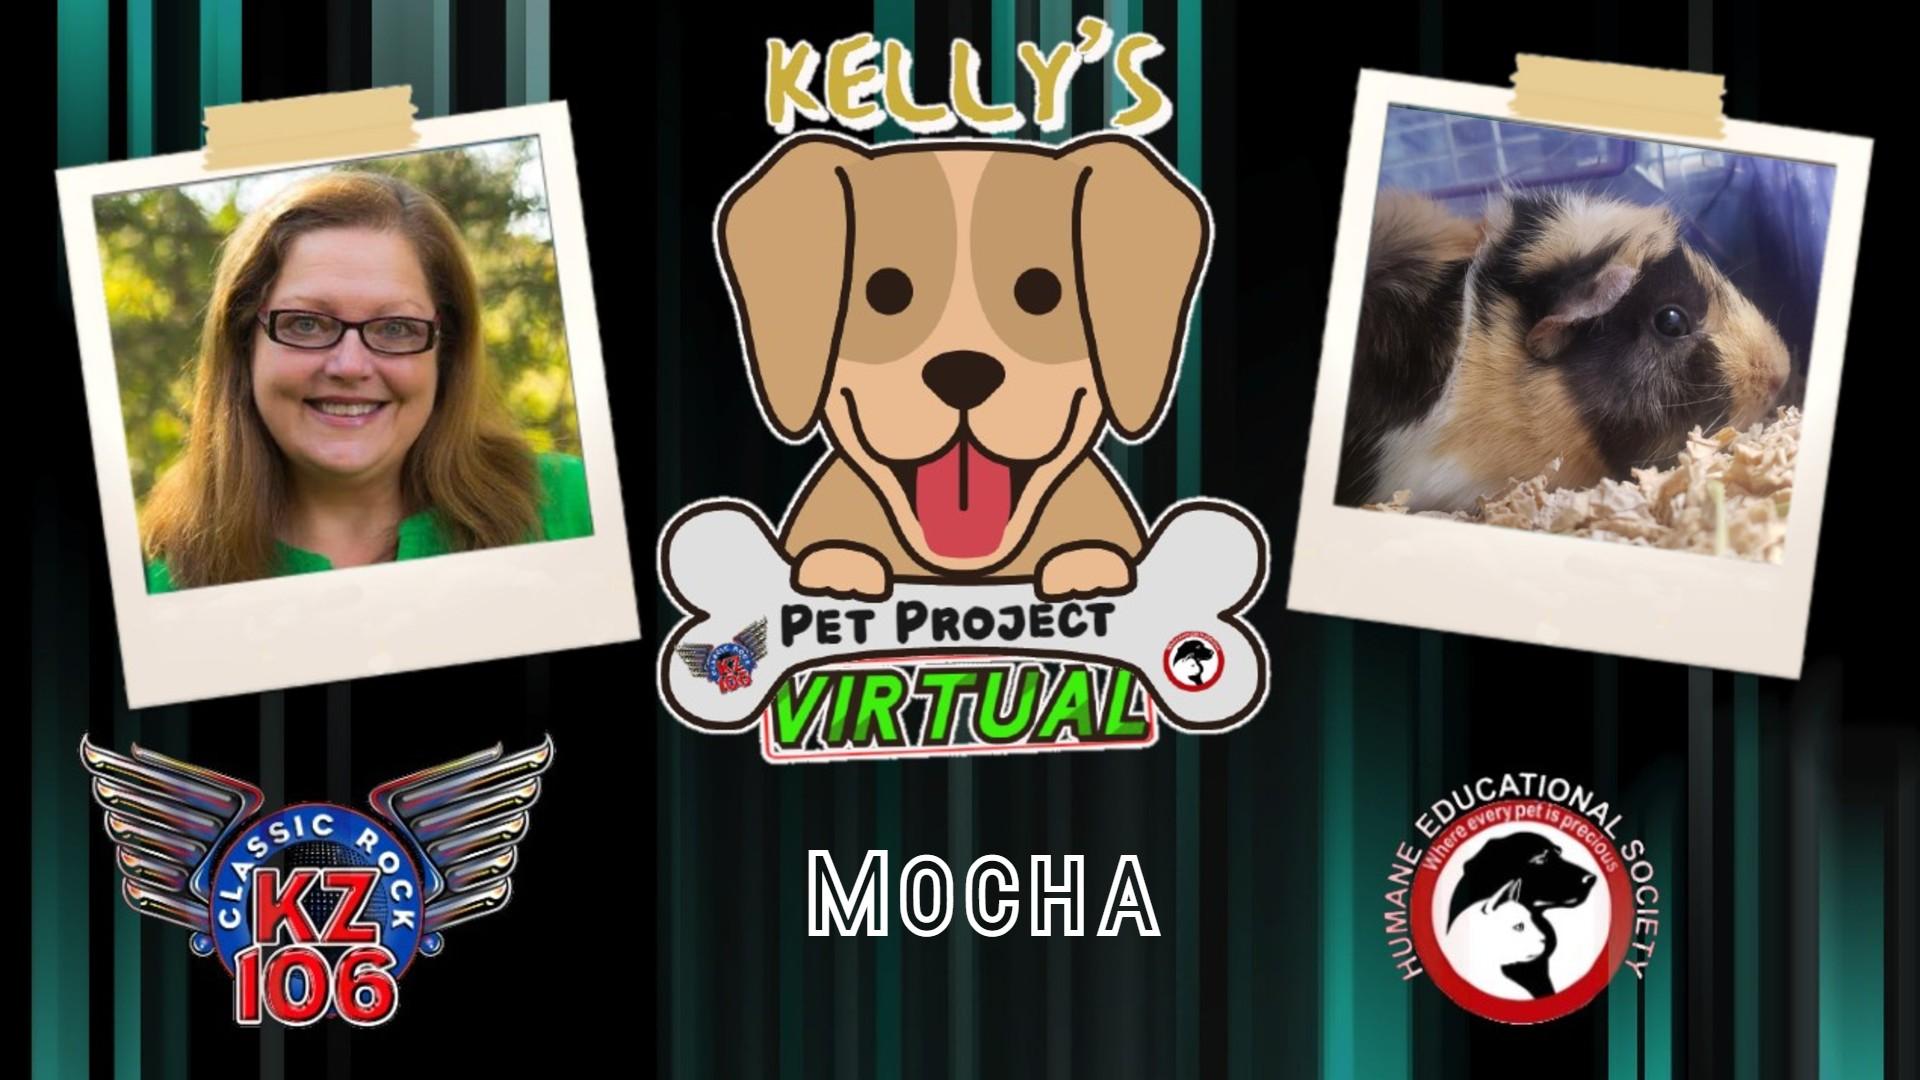 Kelly's Pet Project: Mocha